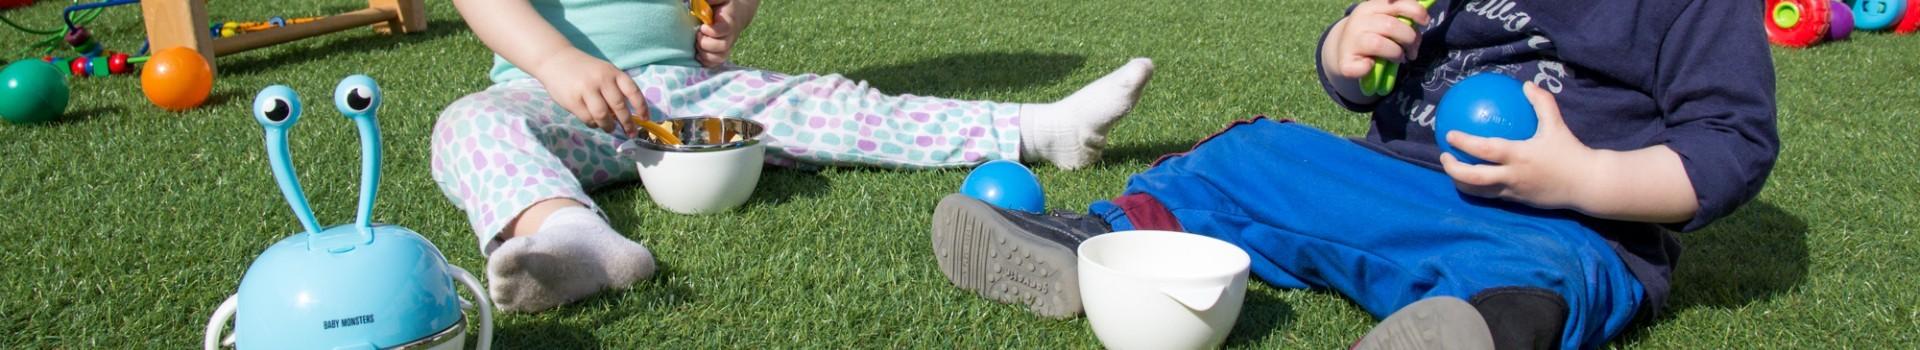 Accessori per l'alimentazione del tuo bambino | Baby Monsters